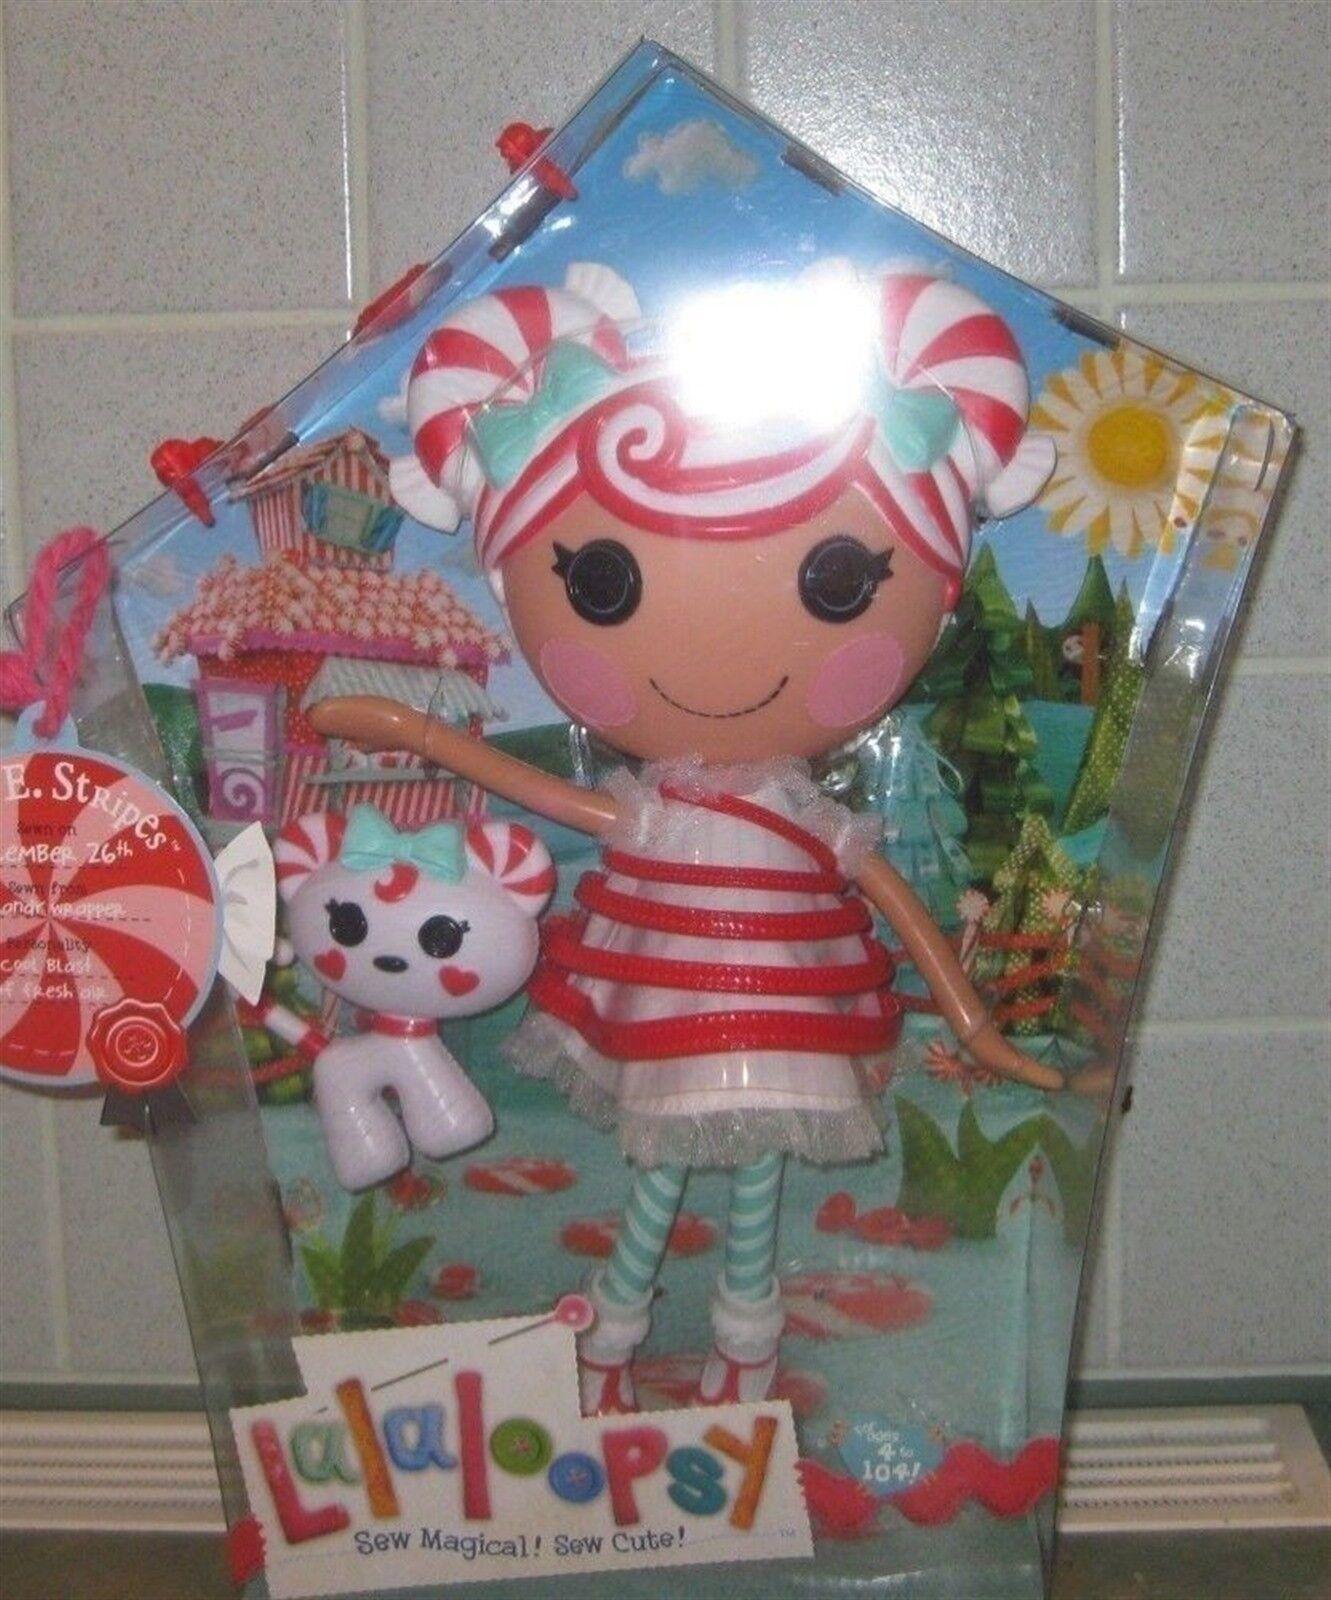 per il commercio all'ingrosso LALALOOPSY MINT E E E STRIPES gree bambola MIB  prezzo all'ingrosso